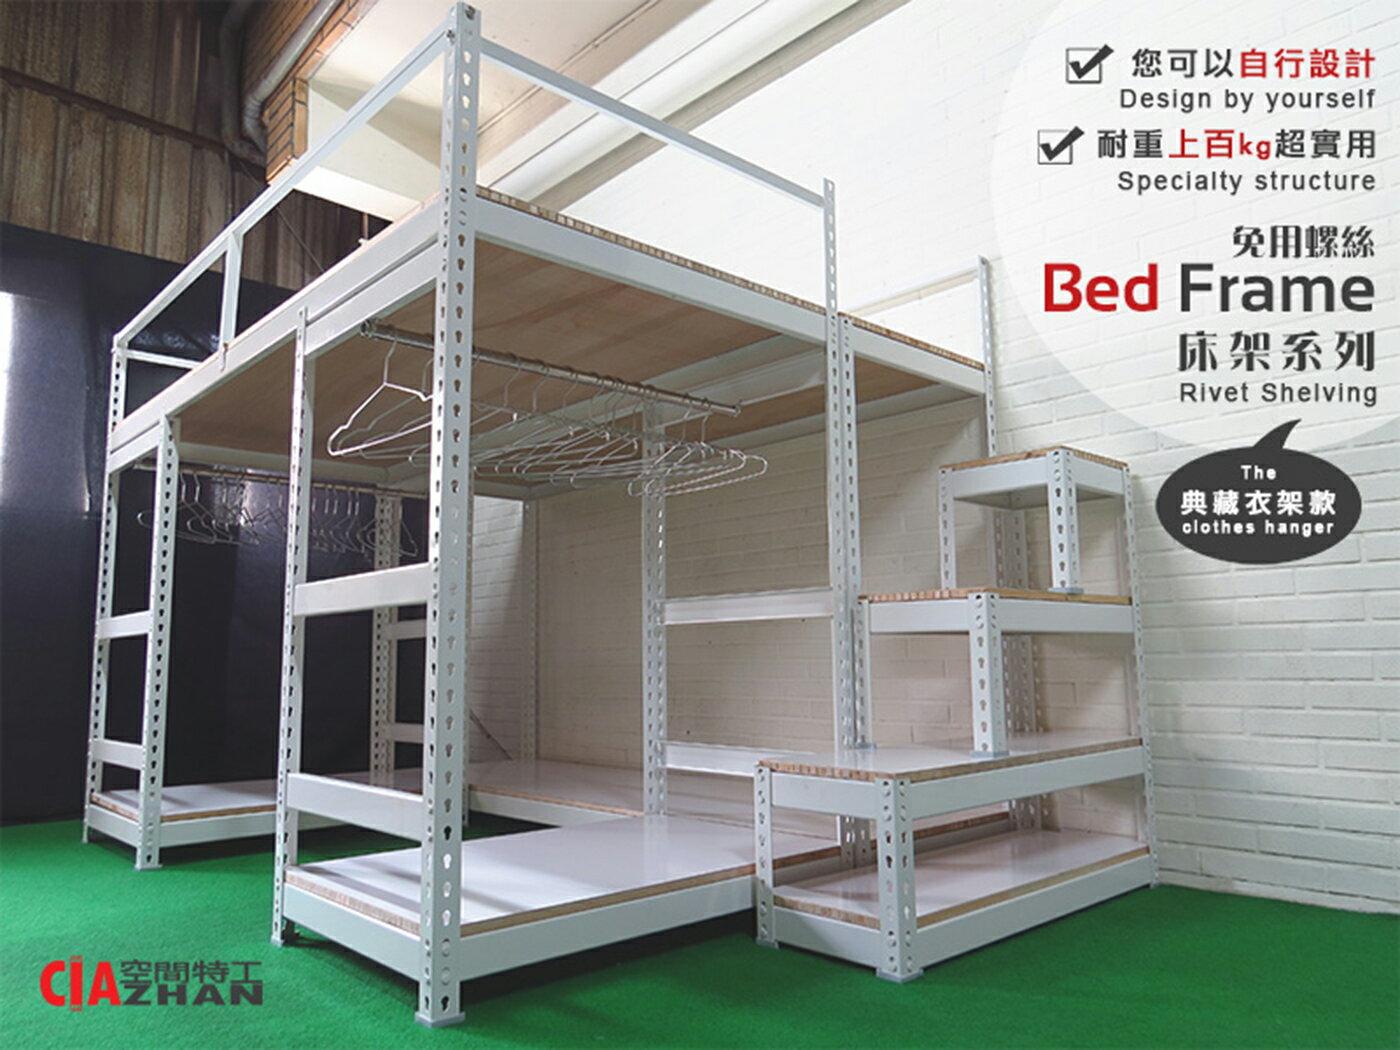 ♞空間特工♞《日式衣架意象款》免螺絲角鋼床架 單人/雙人床 含樓梯櫃 大空間可當置物架層櫃隨你擺放! - 限時優惠好康折扣